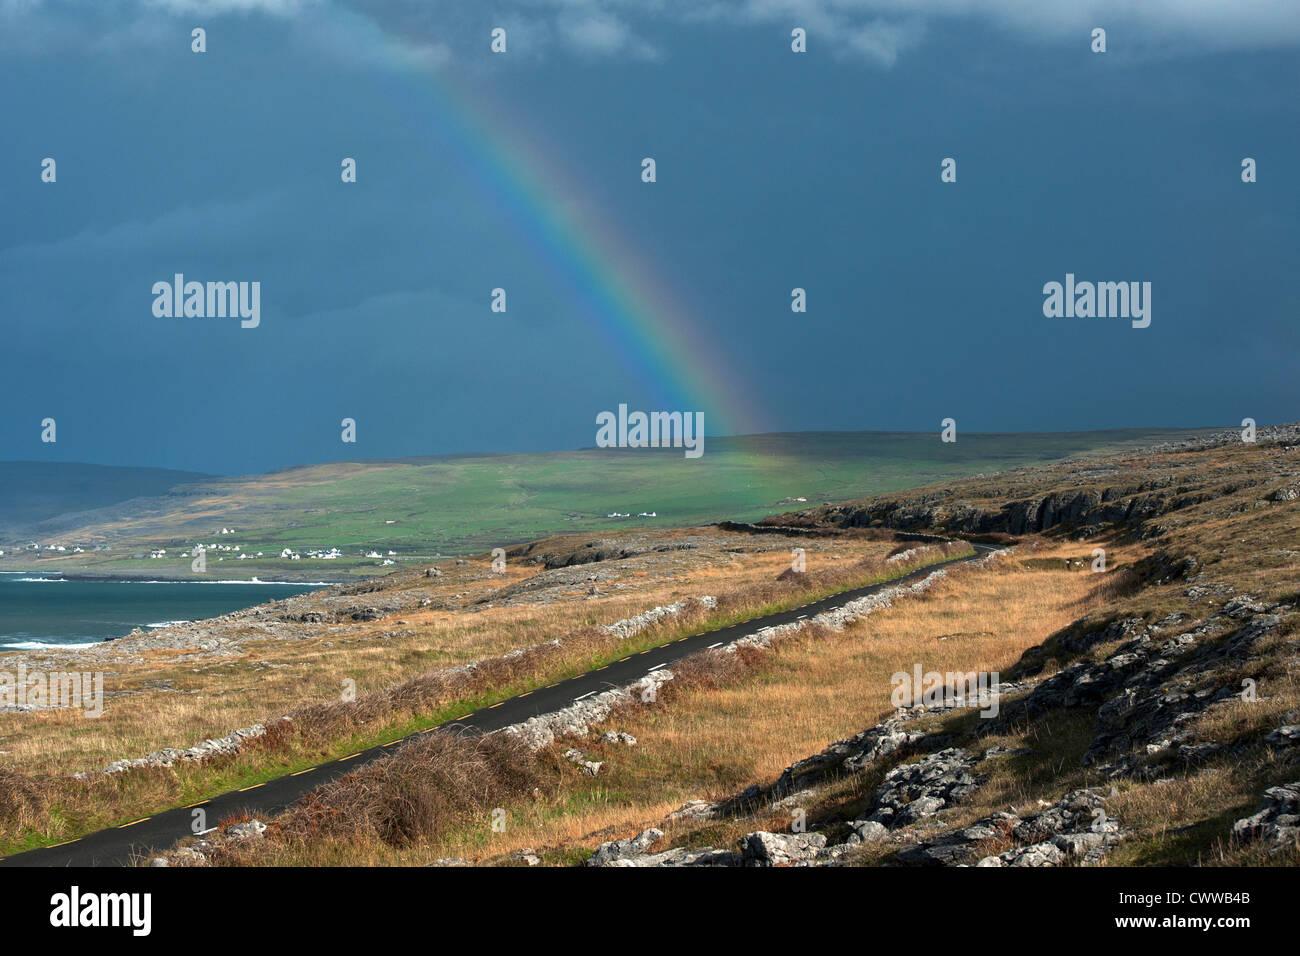 Regenbogen über ländliche Landschaft Stockbild